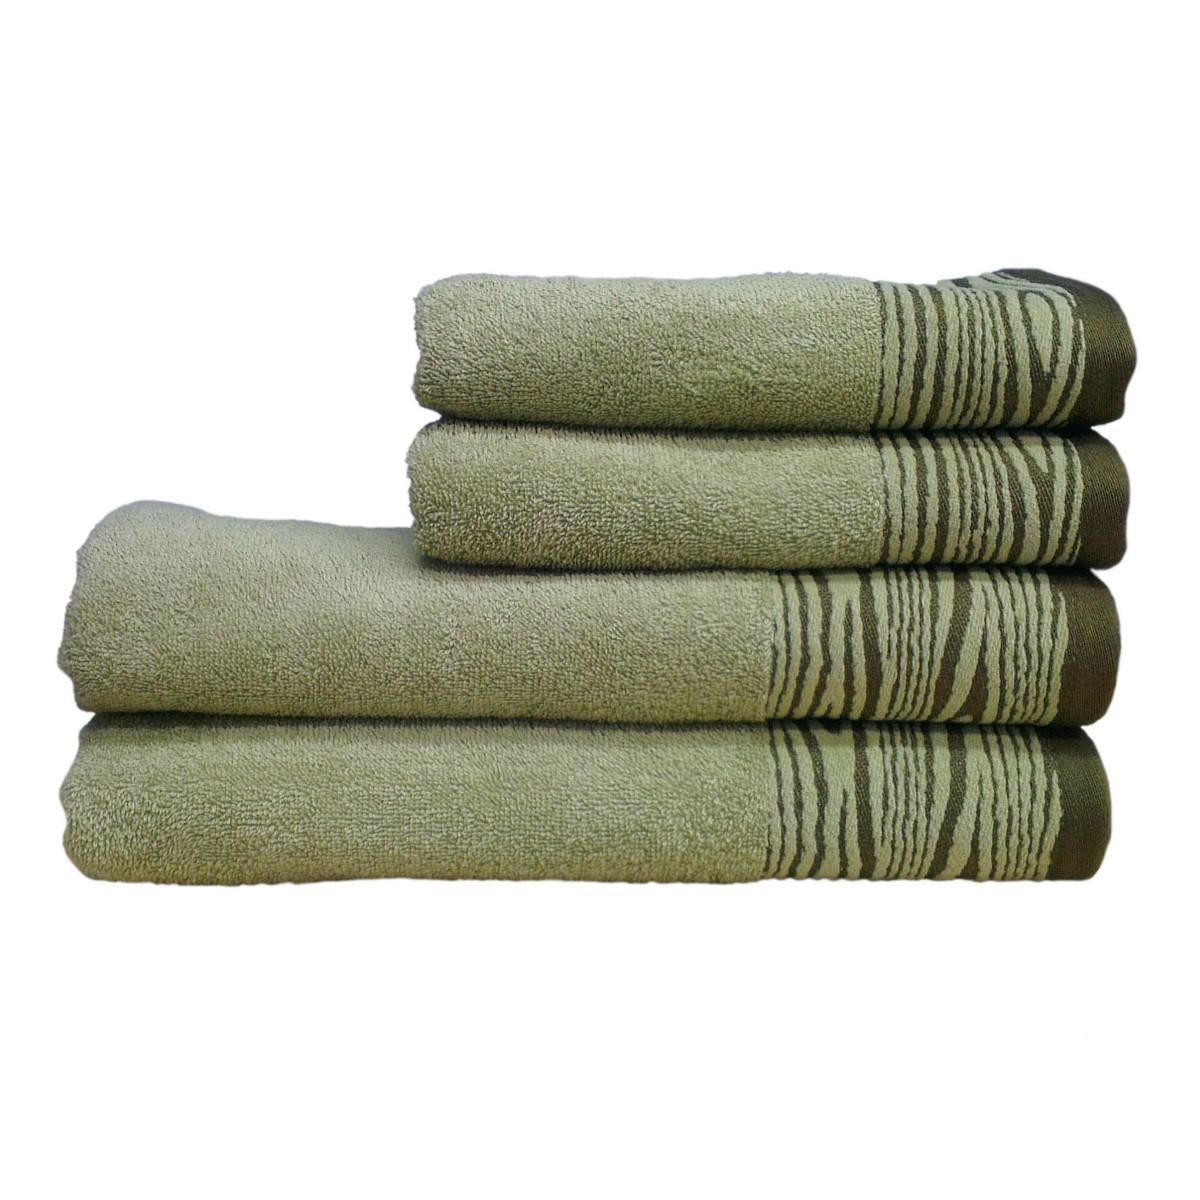 Рушник махровий Tree, 70Х140см, 430г/м2 (зелене)